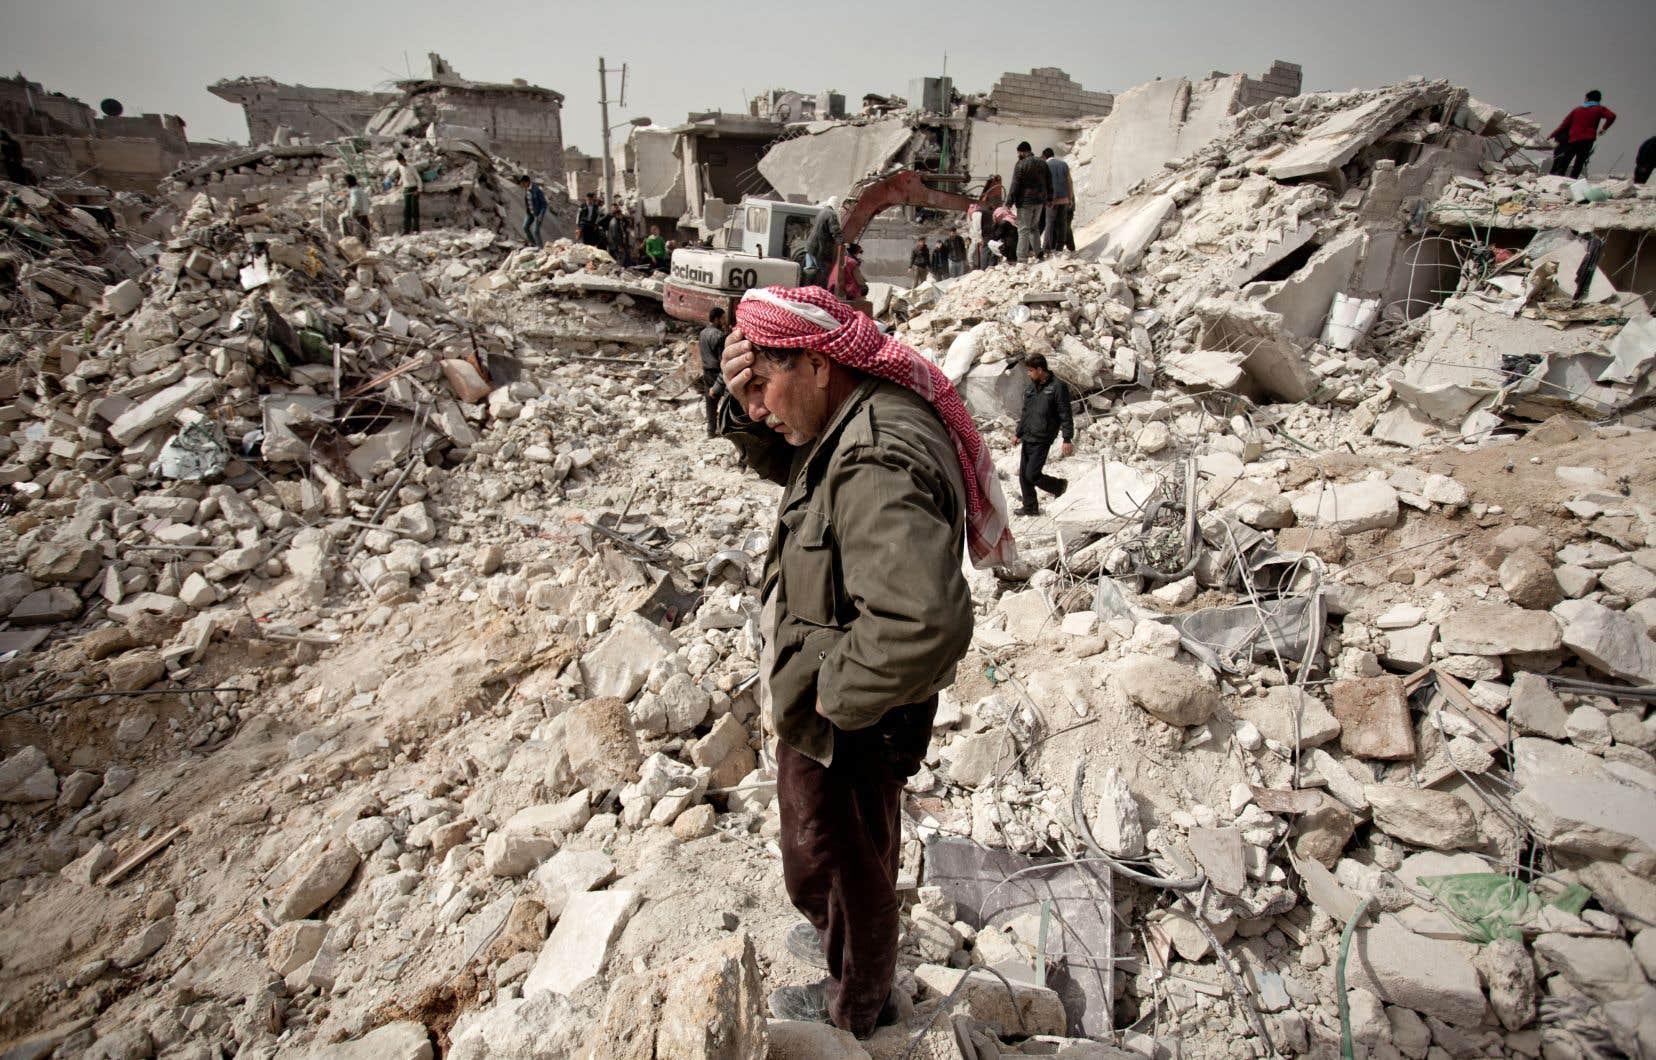 «La mainmise sur la Syrie par l'intermédiaire des djihadistes ayant échoué, États-Unis, Israël, France et Grande-Bretagne s'affairent maintenant à empêcher le rétablissement de la paix. La non-paix est la forme nouvelle de cette guerre», croit l'auteur.